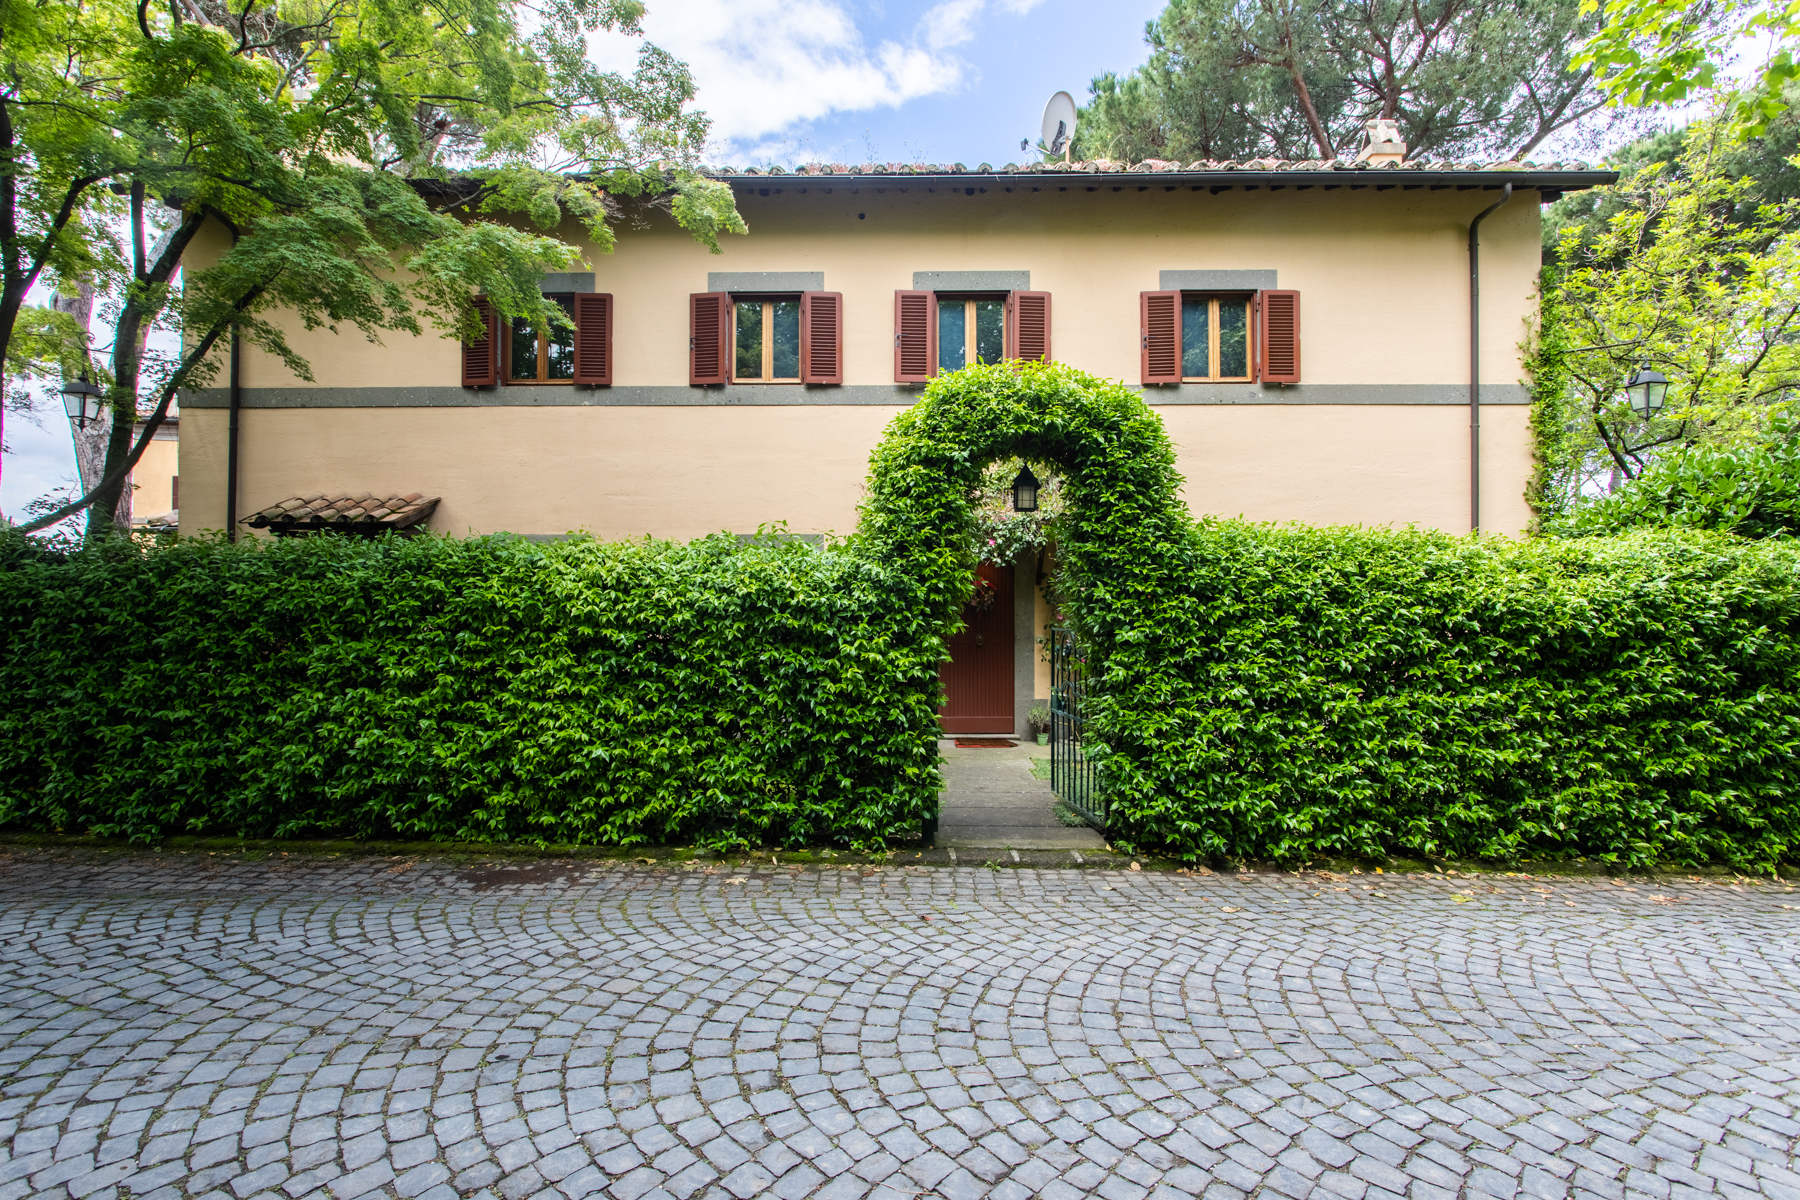 Villa in Vendita a Castel Gandolfo: 5 locali, 400 mq - Foto 2